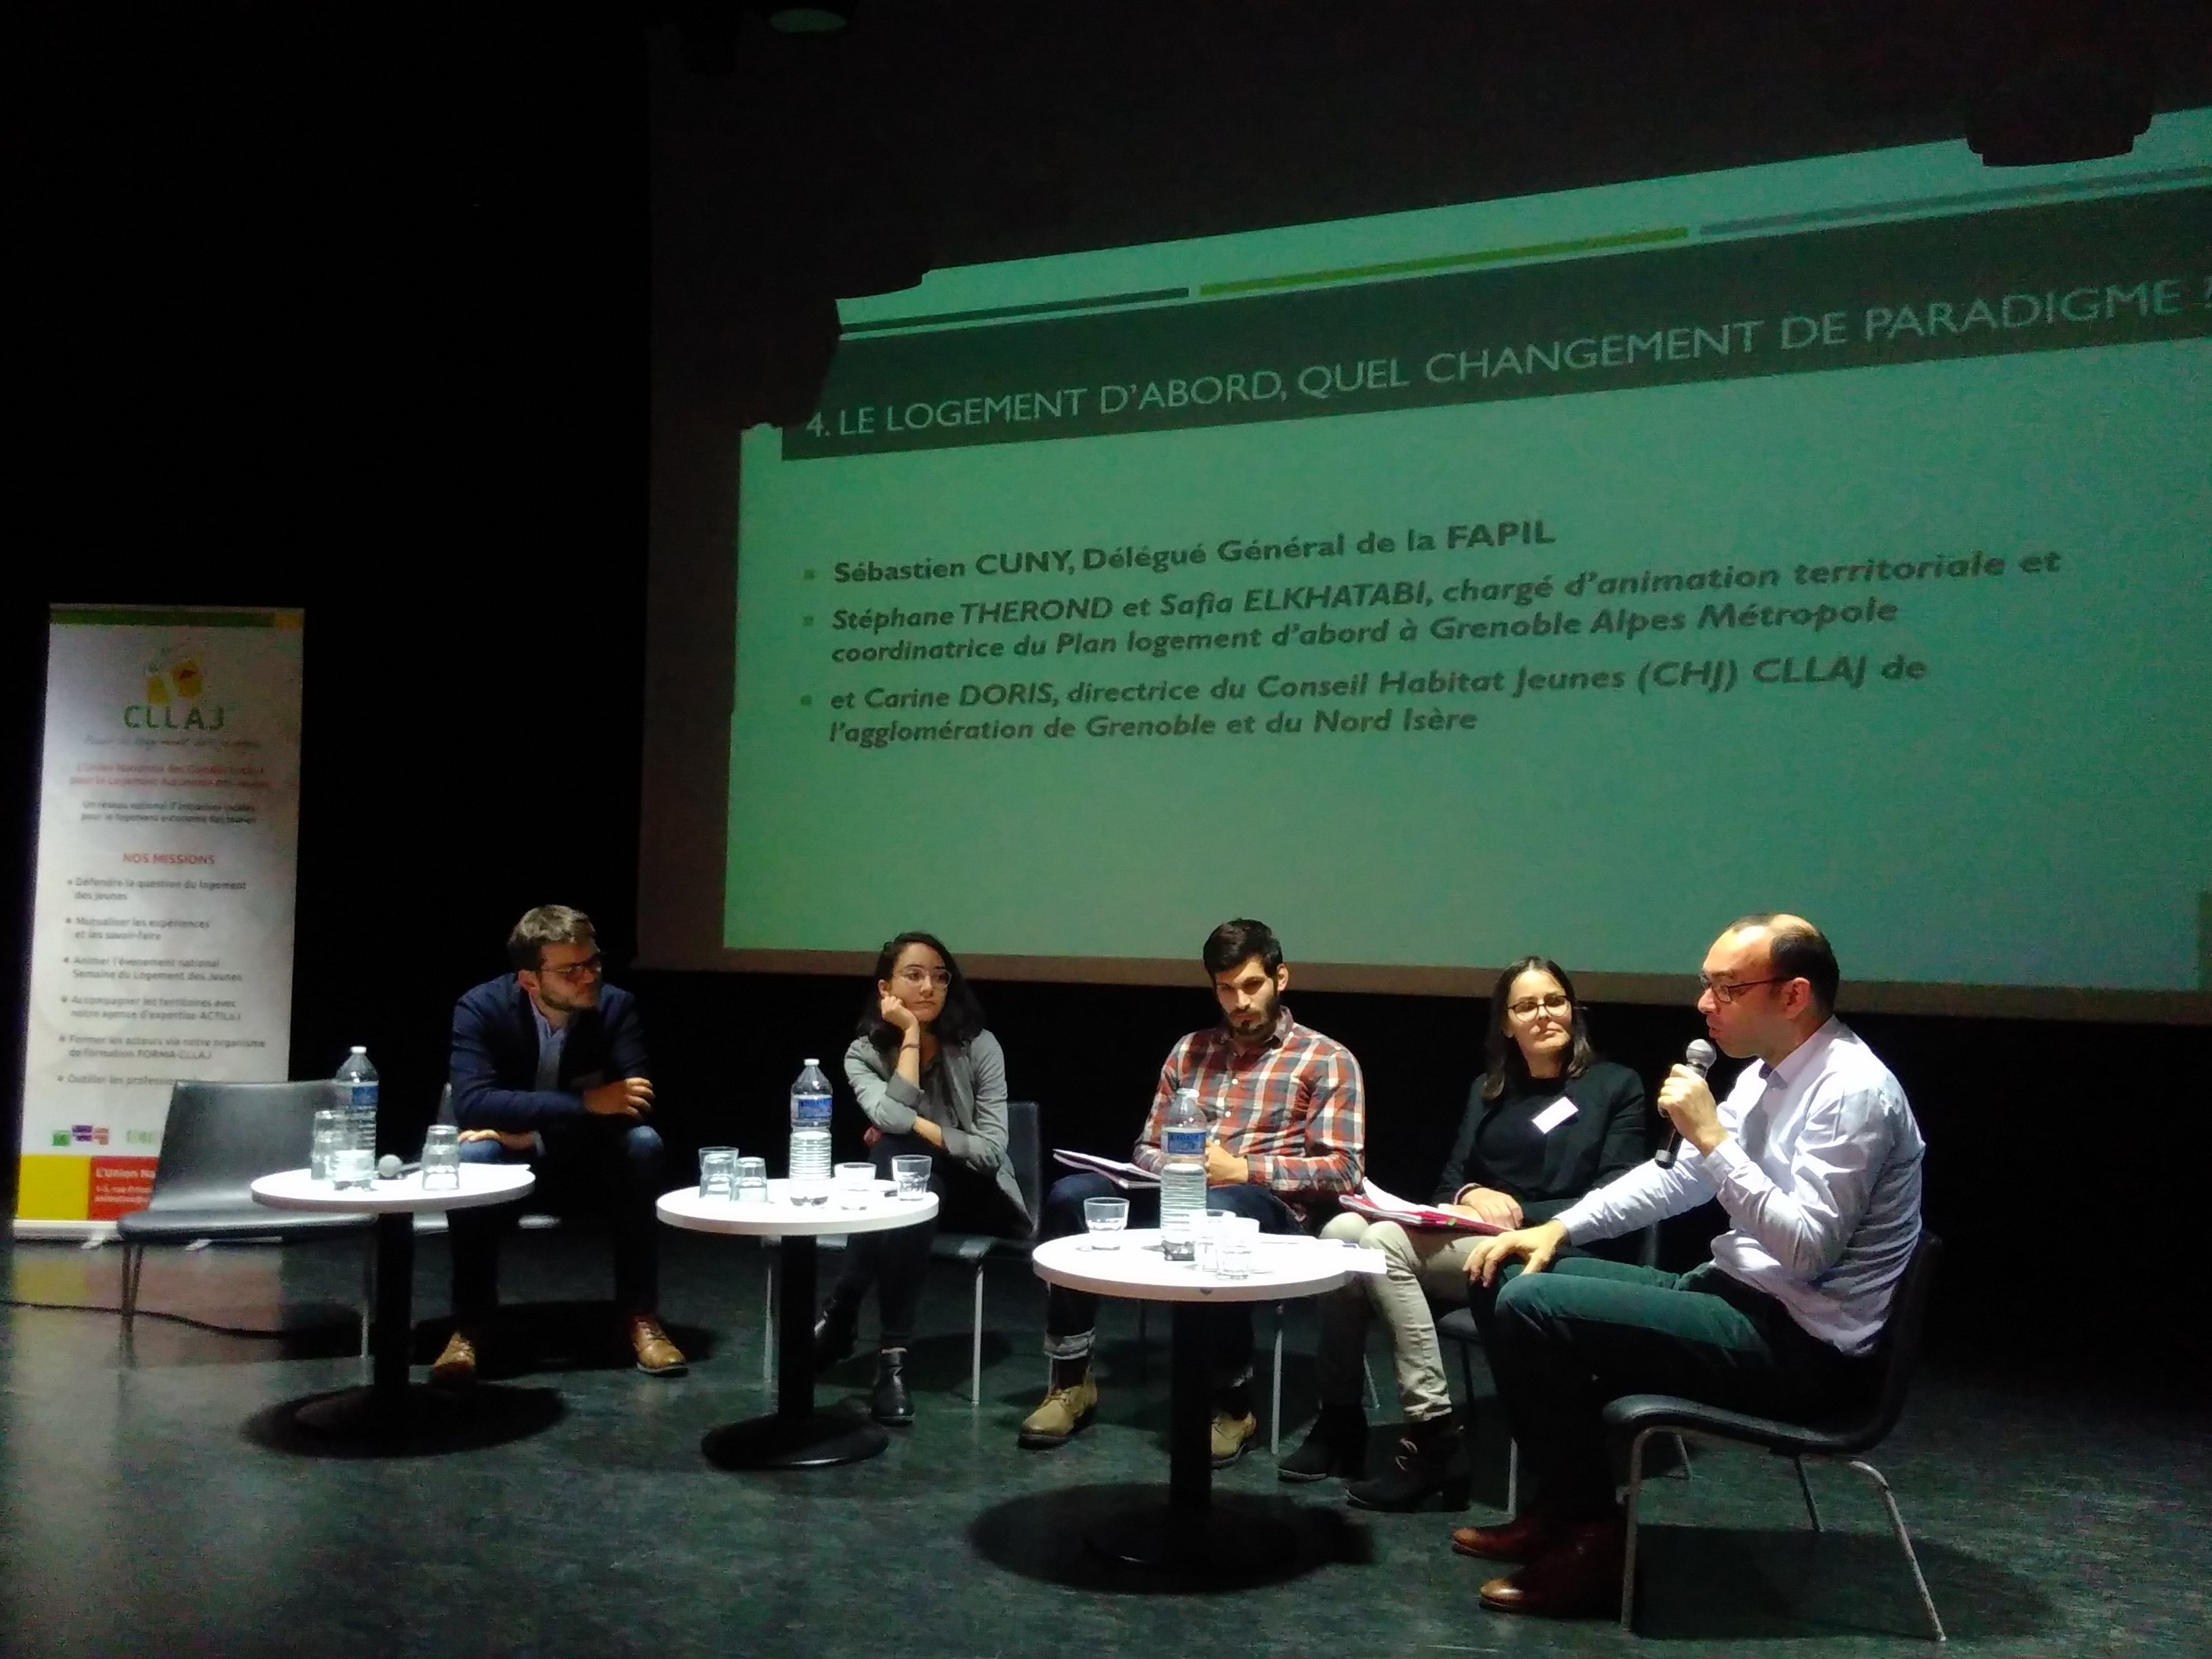 La Fapil intervient à la Conférence de l'UNCLLAJ sur l'accès aux droits des jeunes en matière de logement